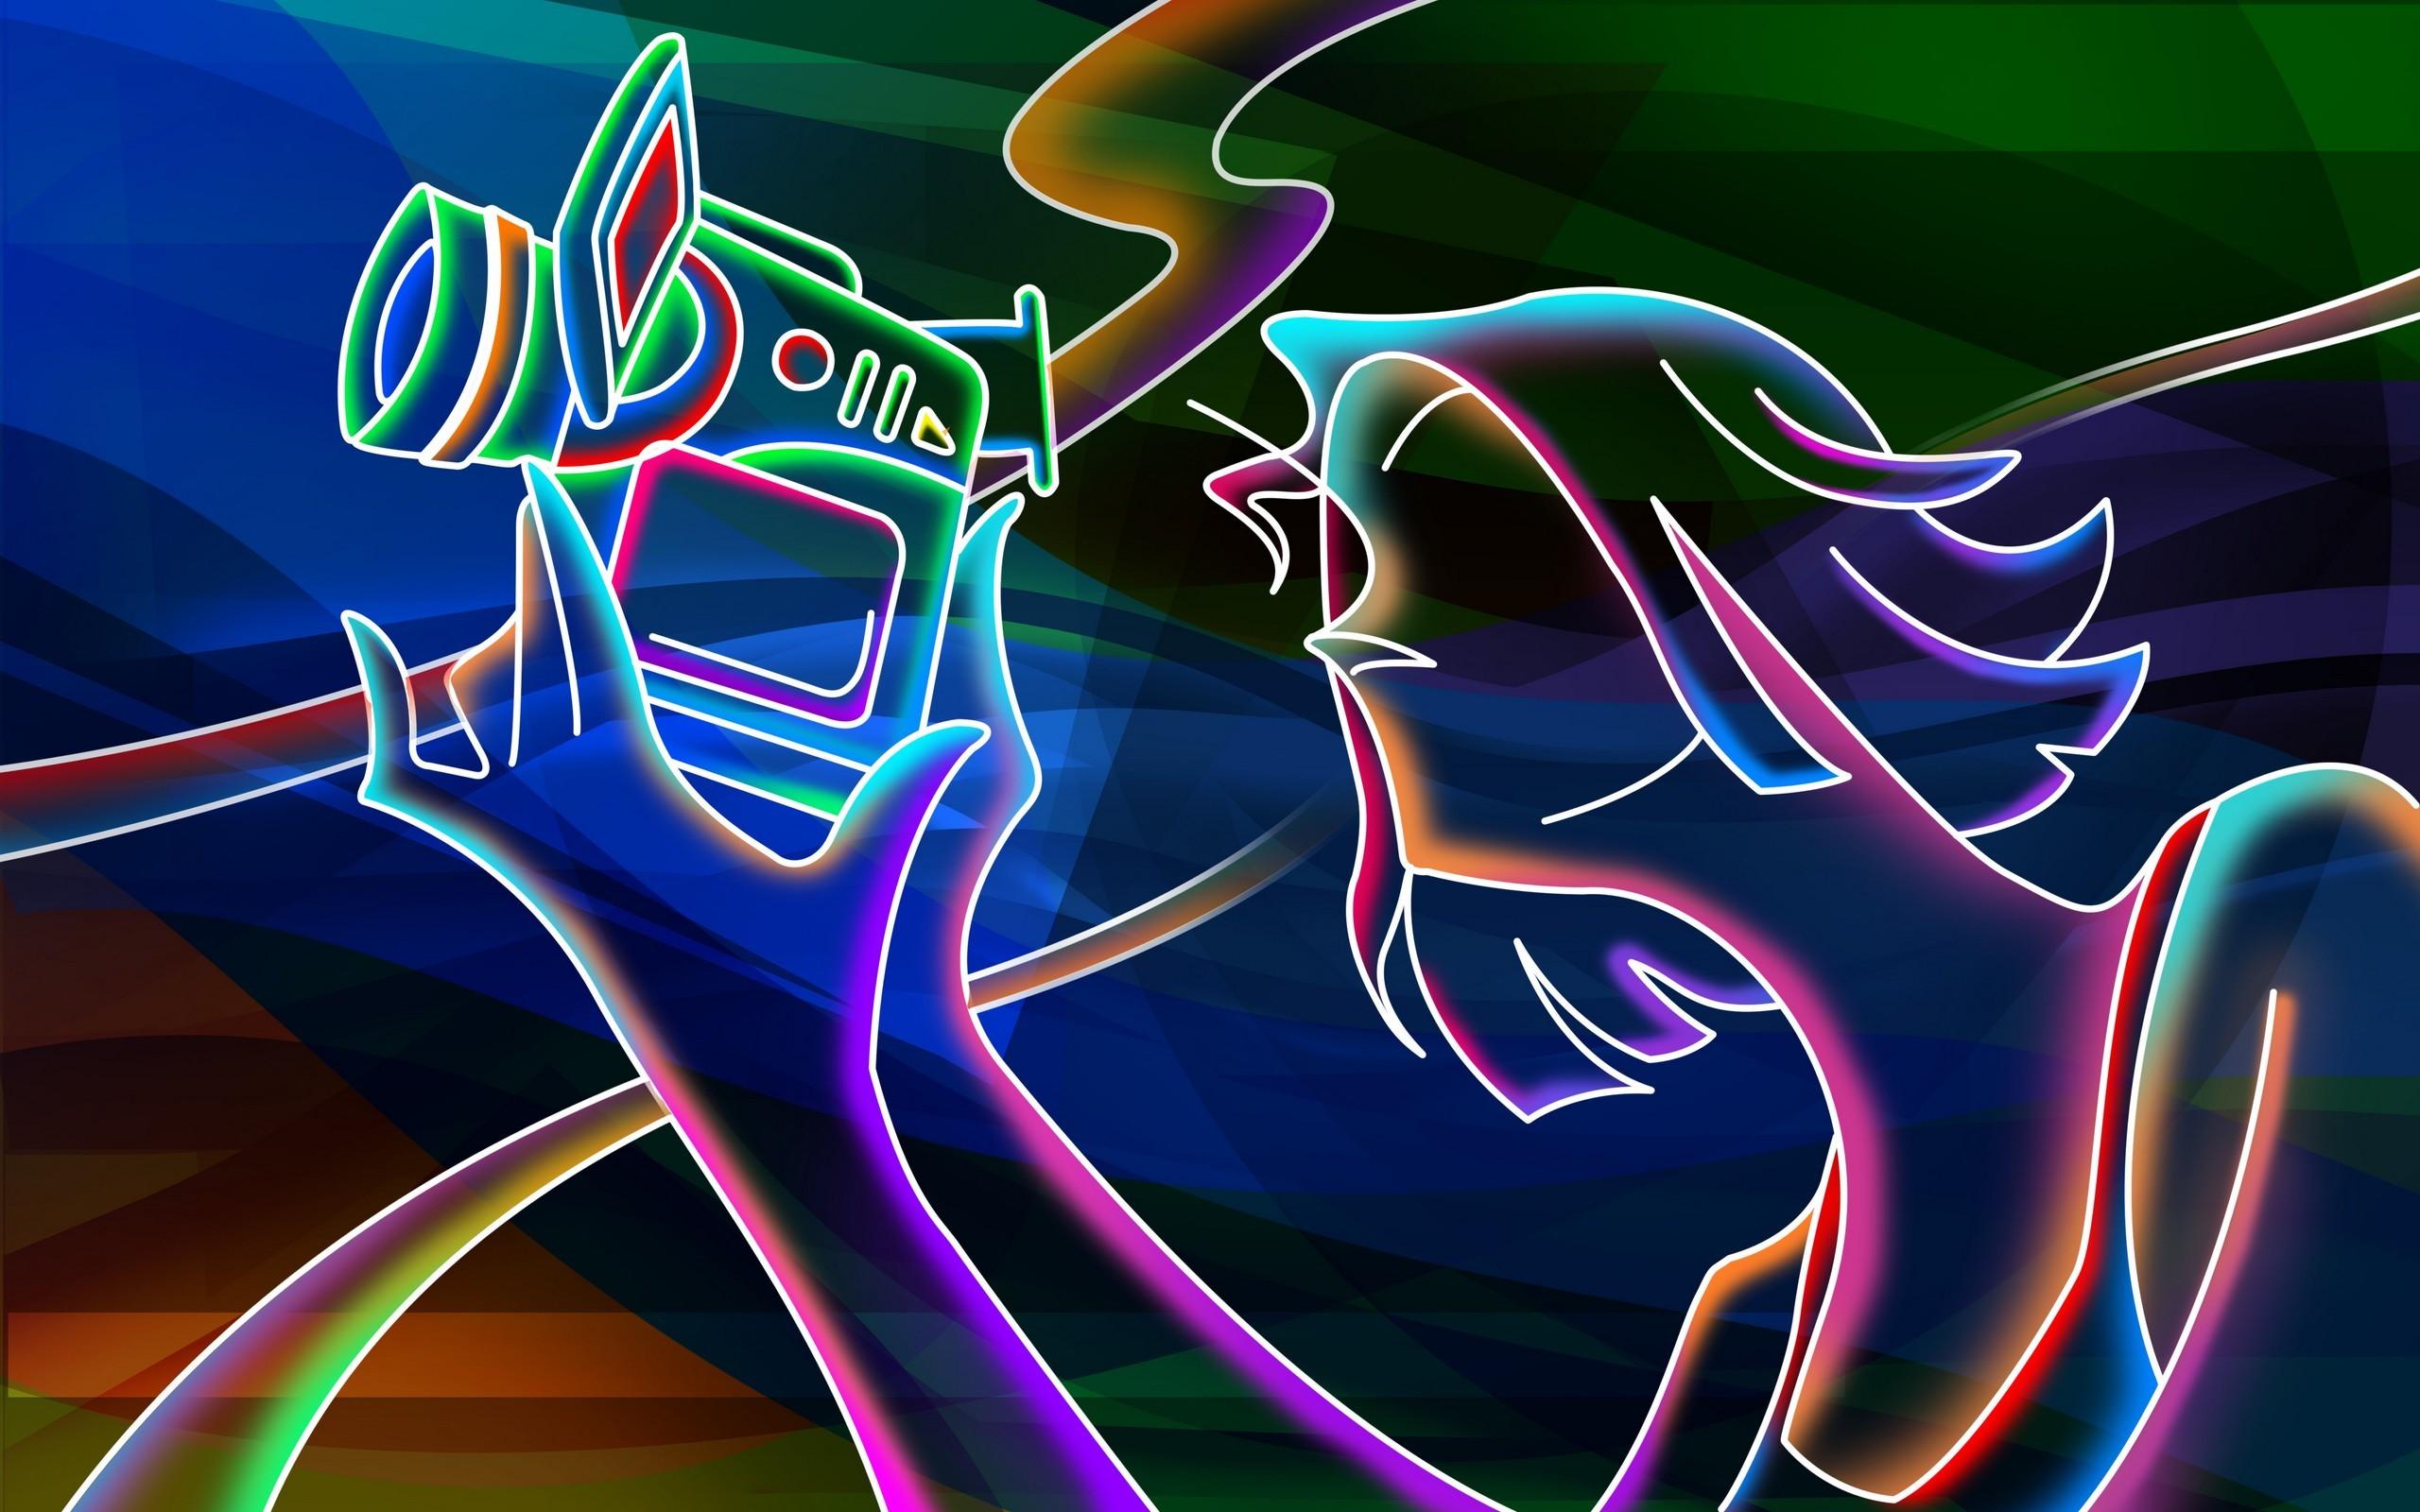 Res: 2560x1600, Neon wallpapers HD backgrounds desktop.